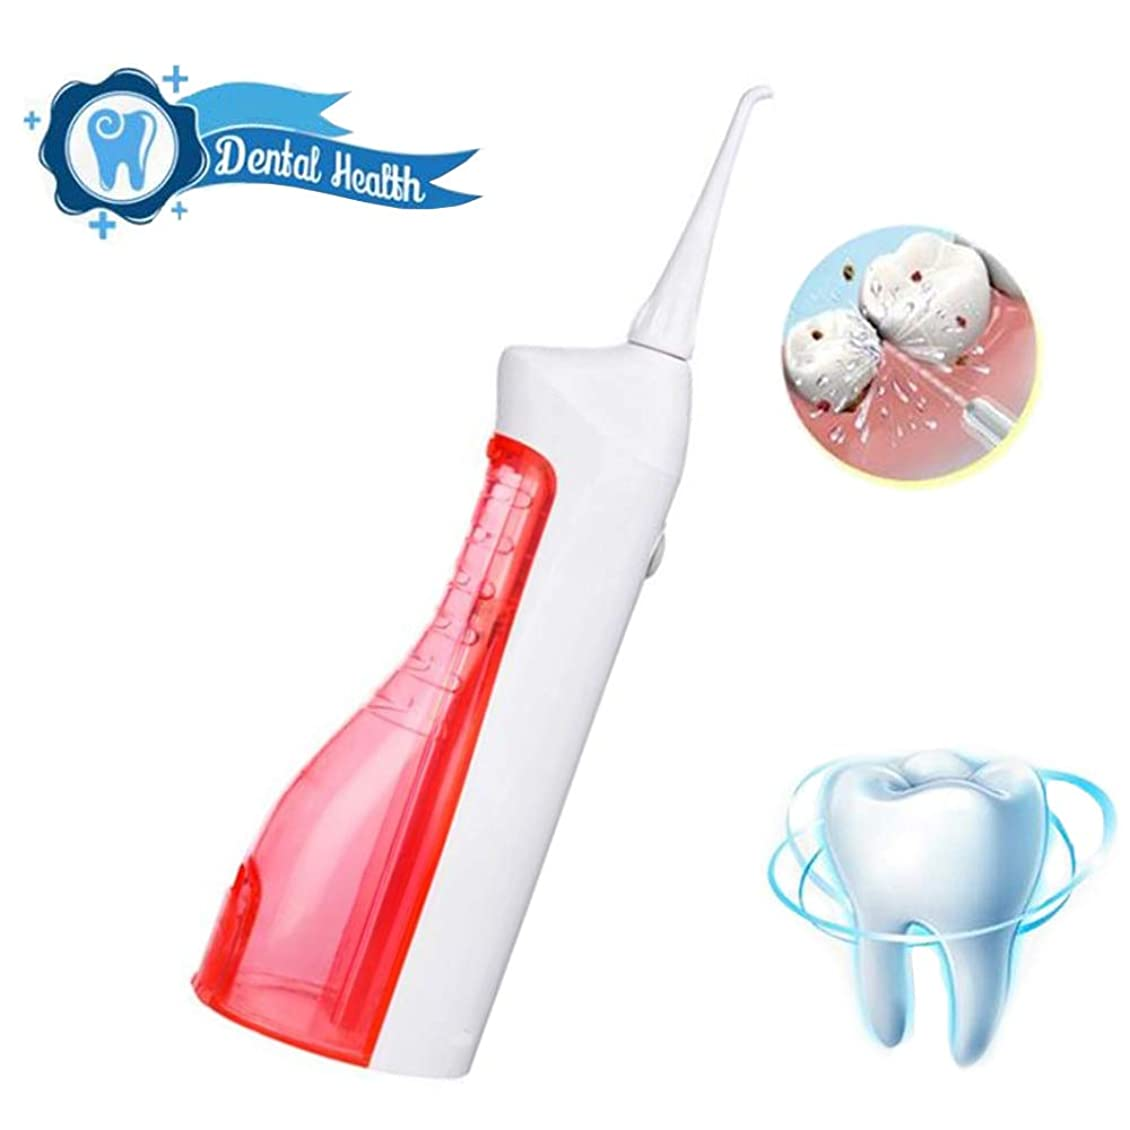 どこでも図毎年歯のためのウォーターフロッサー、ポータブルプロフェッショナルコードレス歯科口腔灌漑器(150mlタンク、2本のジェットチップ付き)歯磨き粉用クリーナー、2つのクリーニングモード、USB充電式、IPX7